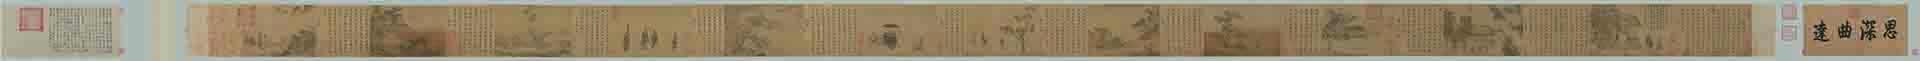 南宋 马和之 唐风图卷(二版全卷)绢本1038x33